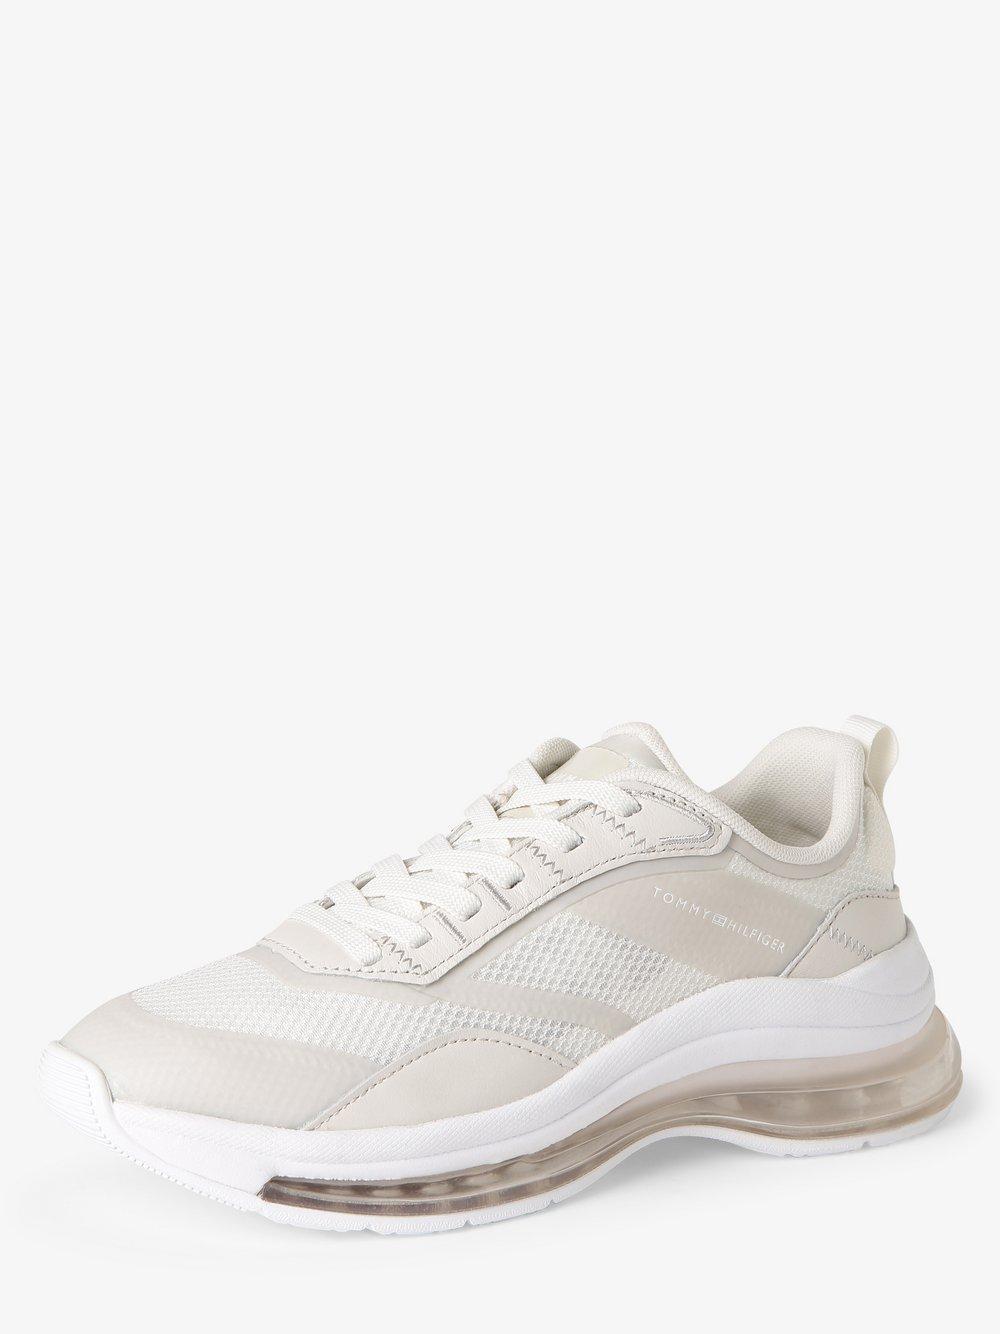 Tommy Hilfiger - Tenisówki damskie, biały